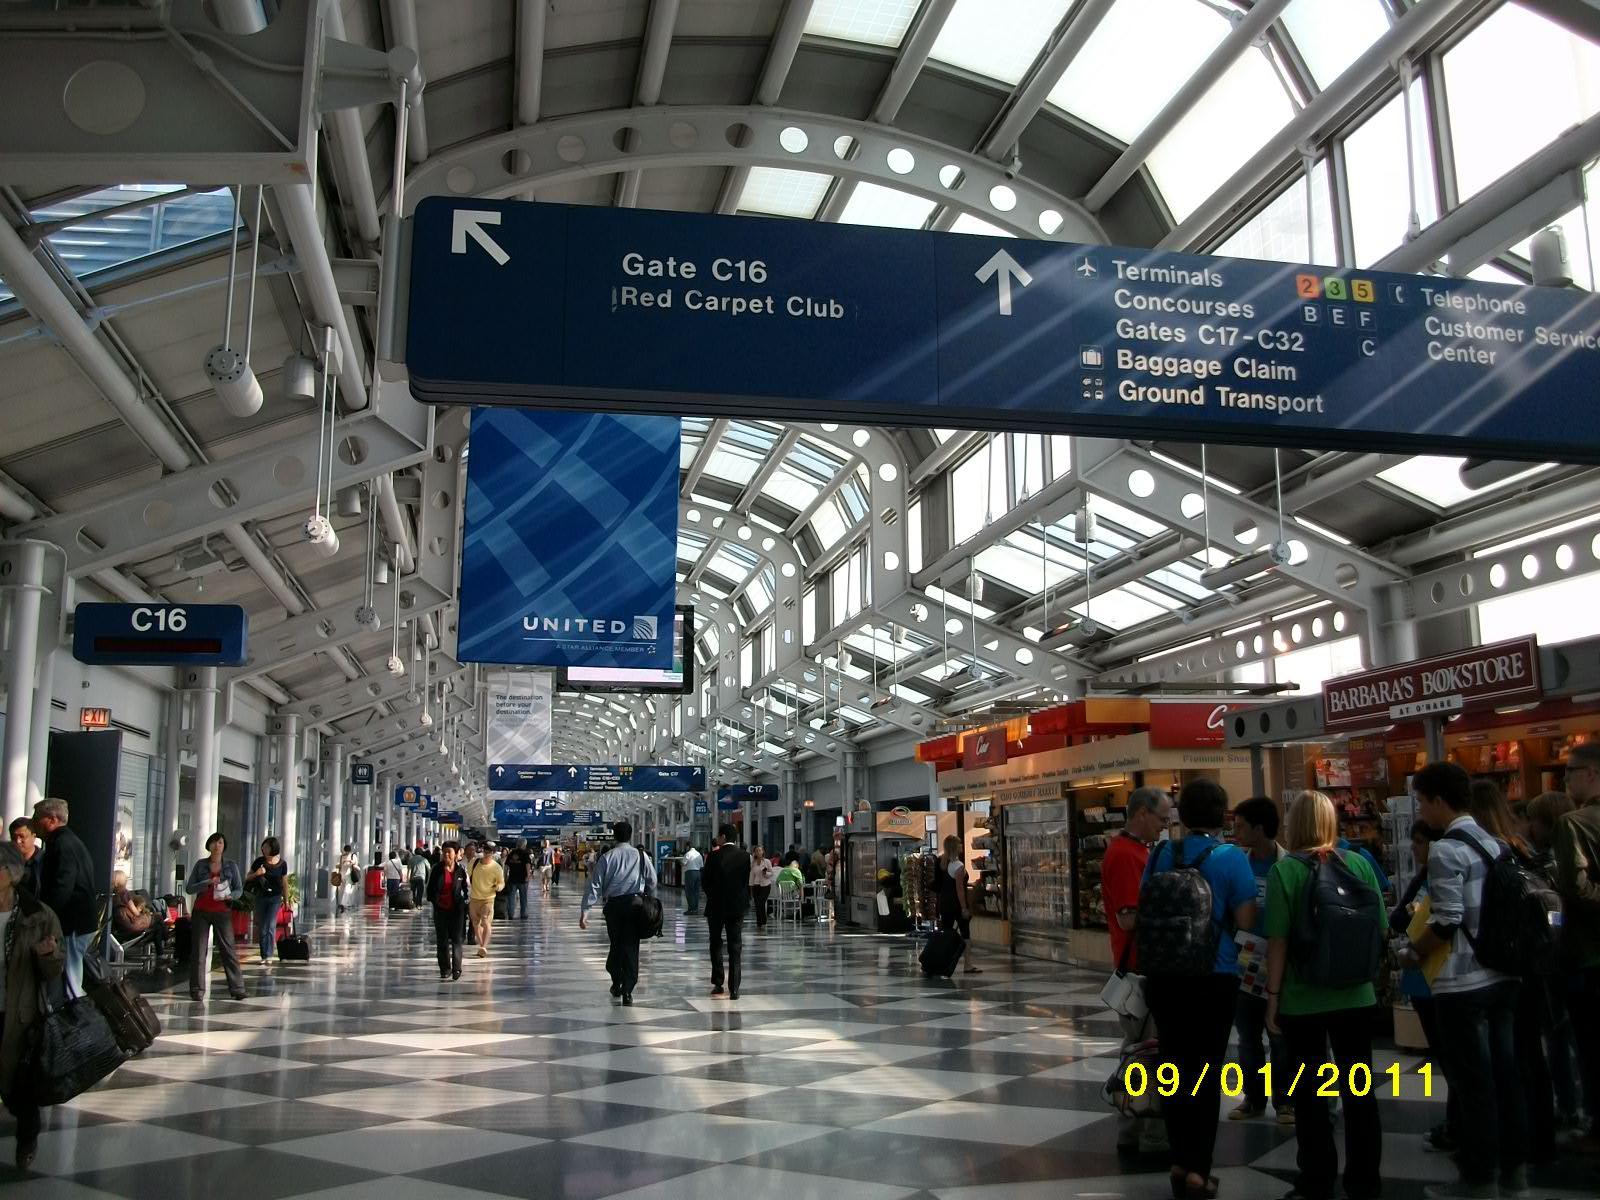 芝加哥機場&轉機延飛經驗   大波士頓 隨手寫…